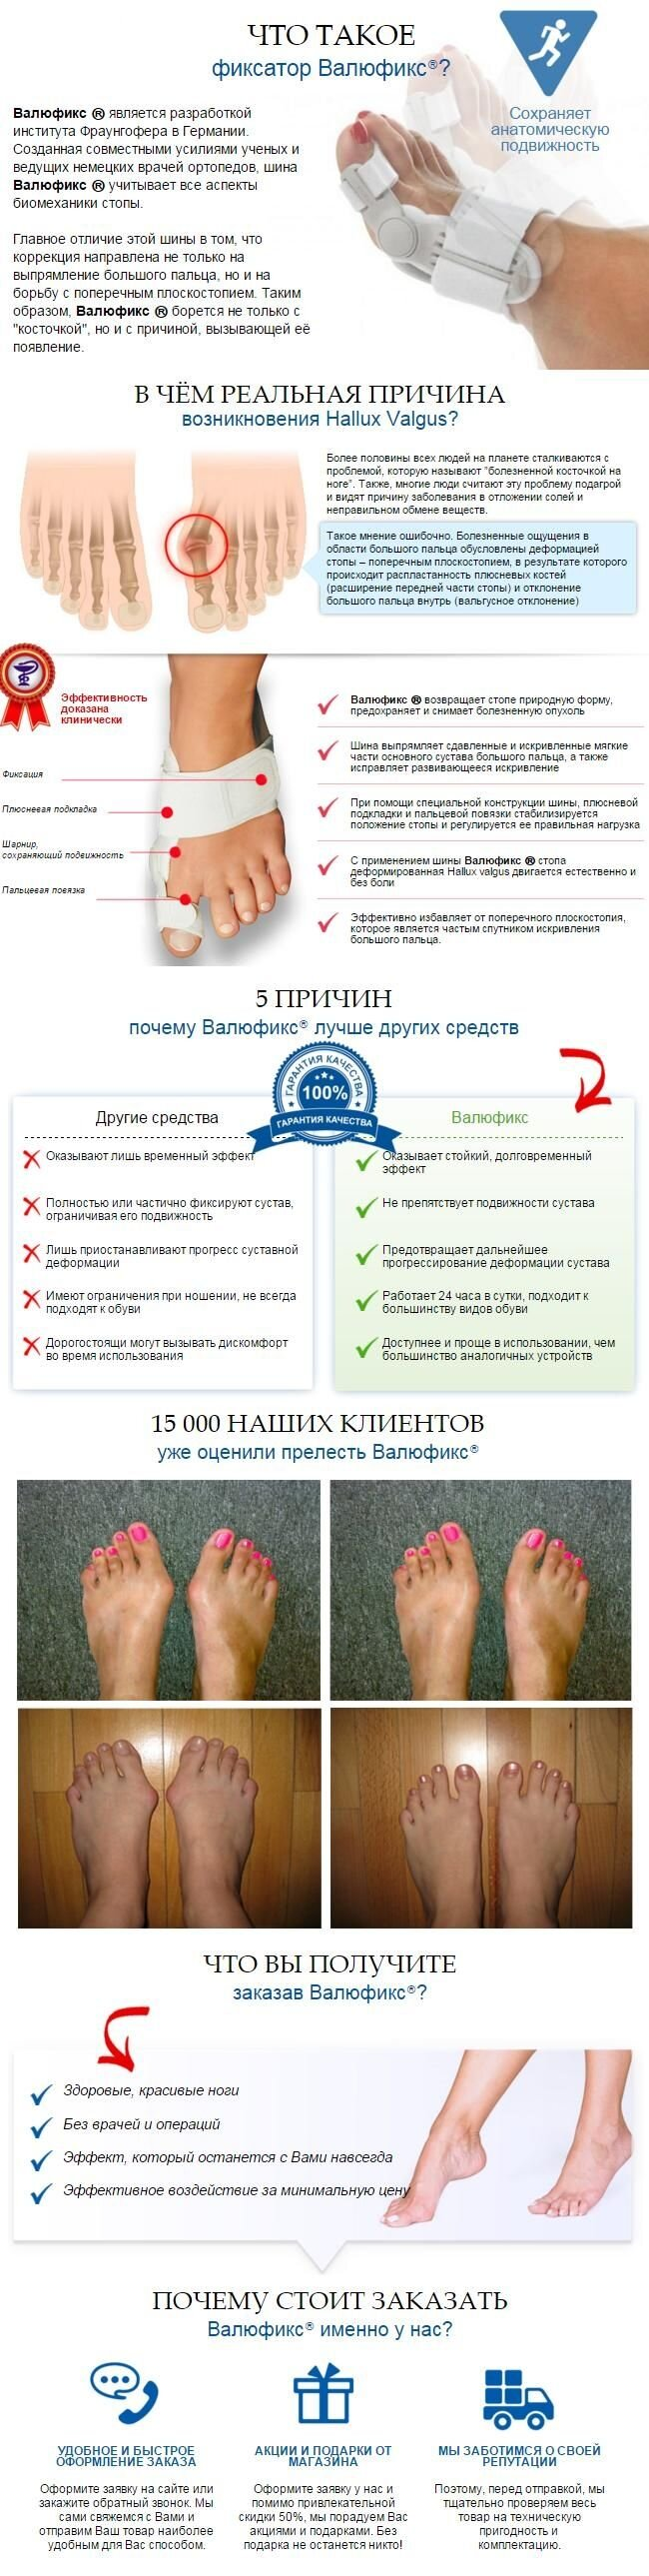 купить валюфикс в казахстане